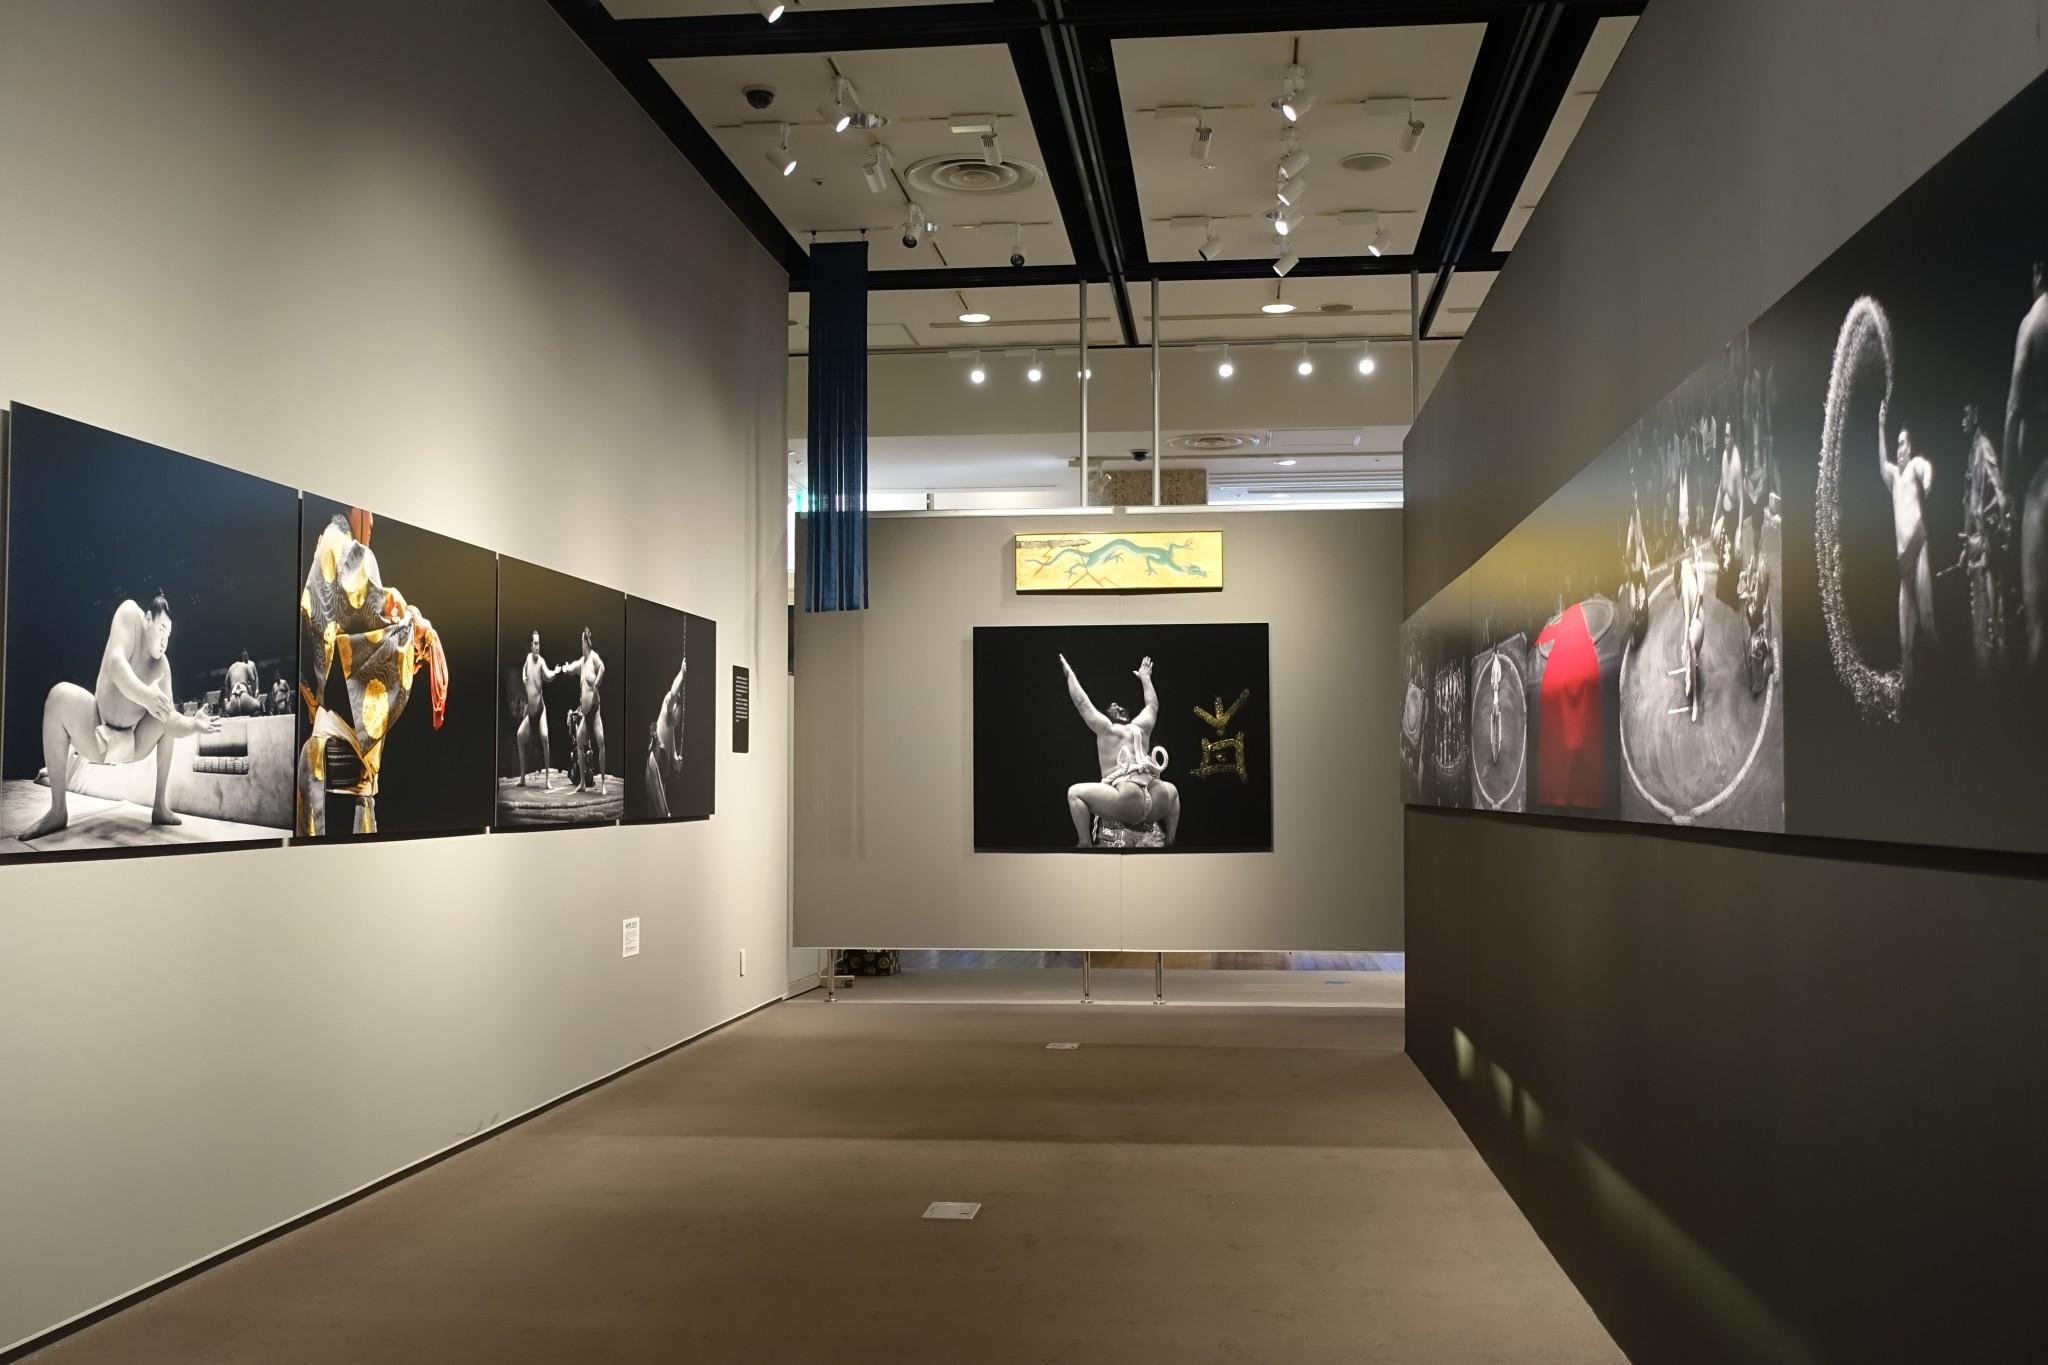 フィリップ・マリニグ写真展 - KOKODE KAMIGAMI、ここで神々-